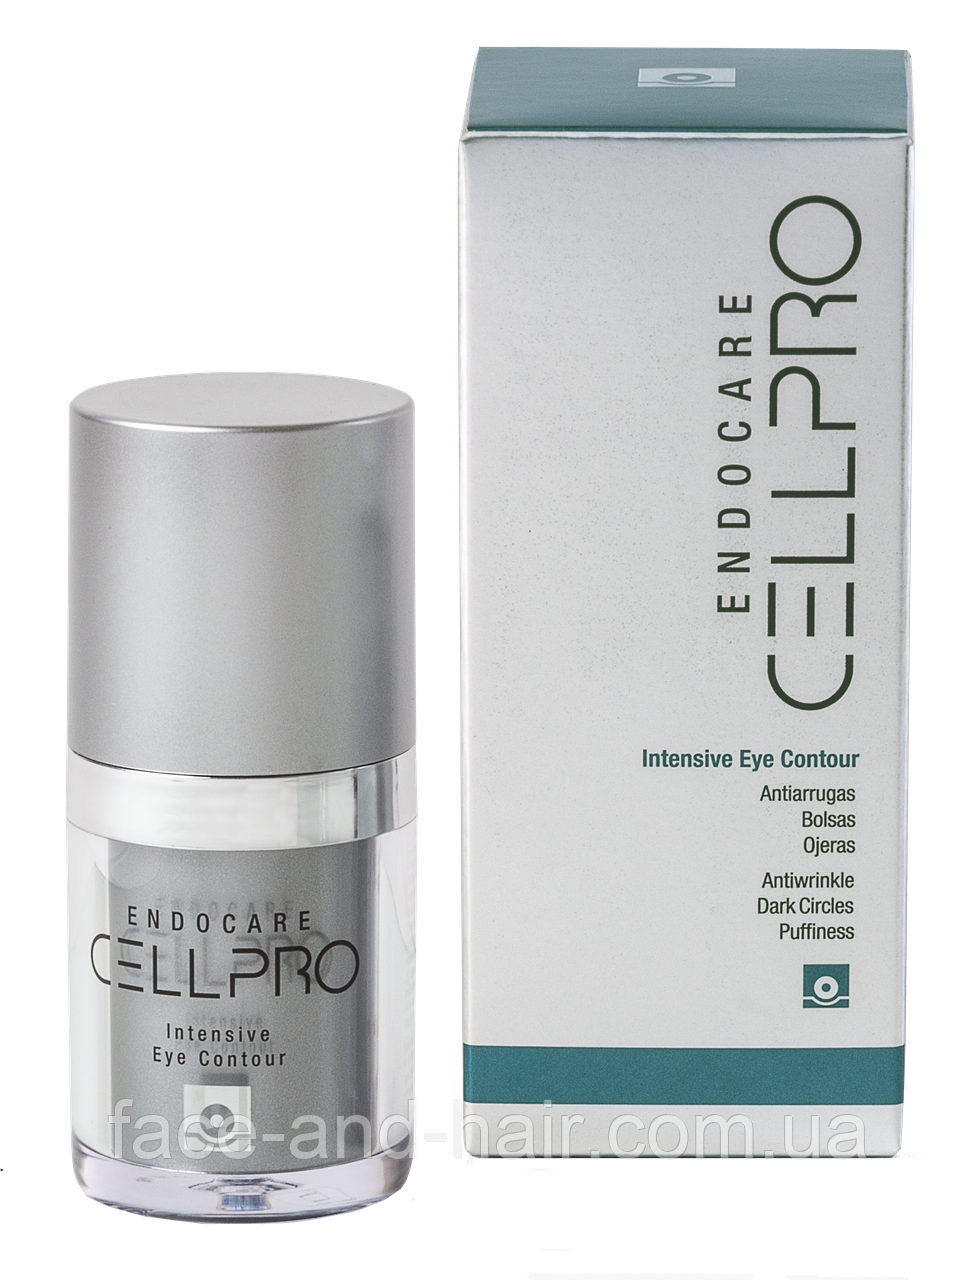 Интенсивный омолаживающий крем-контур для глаз и губ Cantabria Endocare CellPro Intensive Eye Contour 15 мл